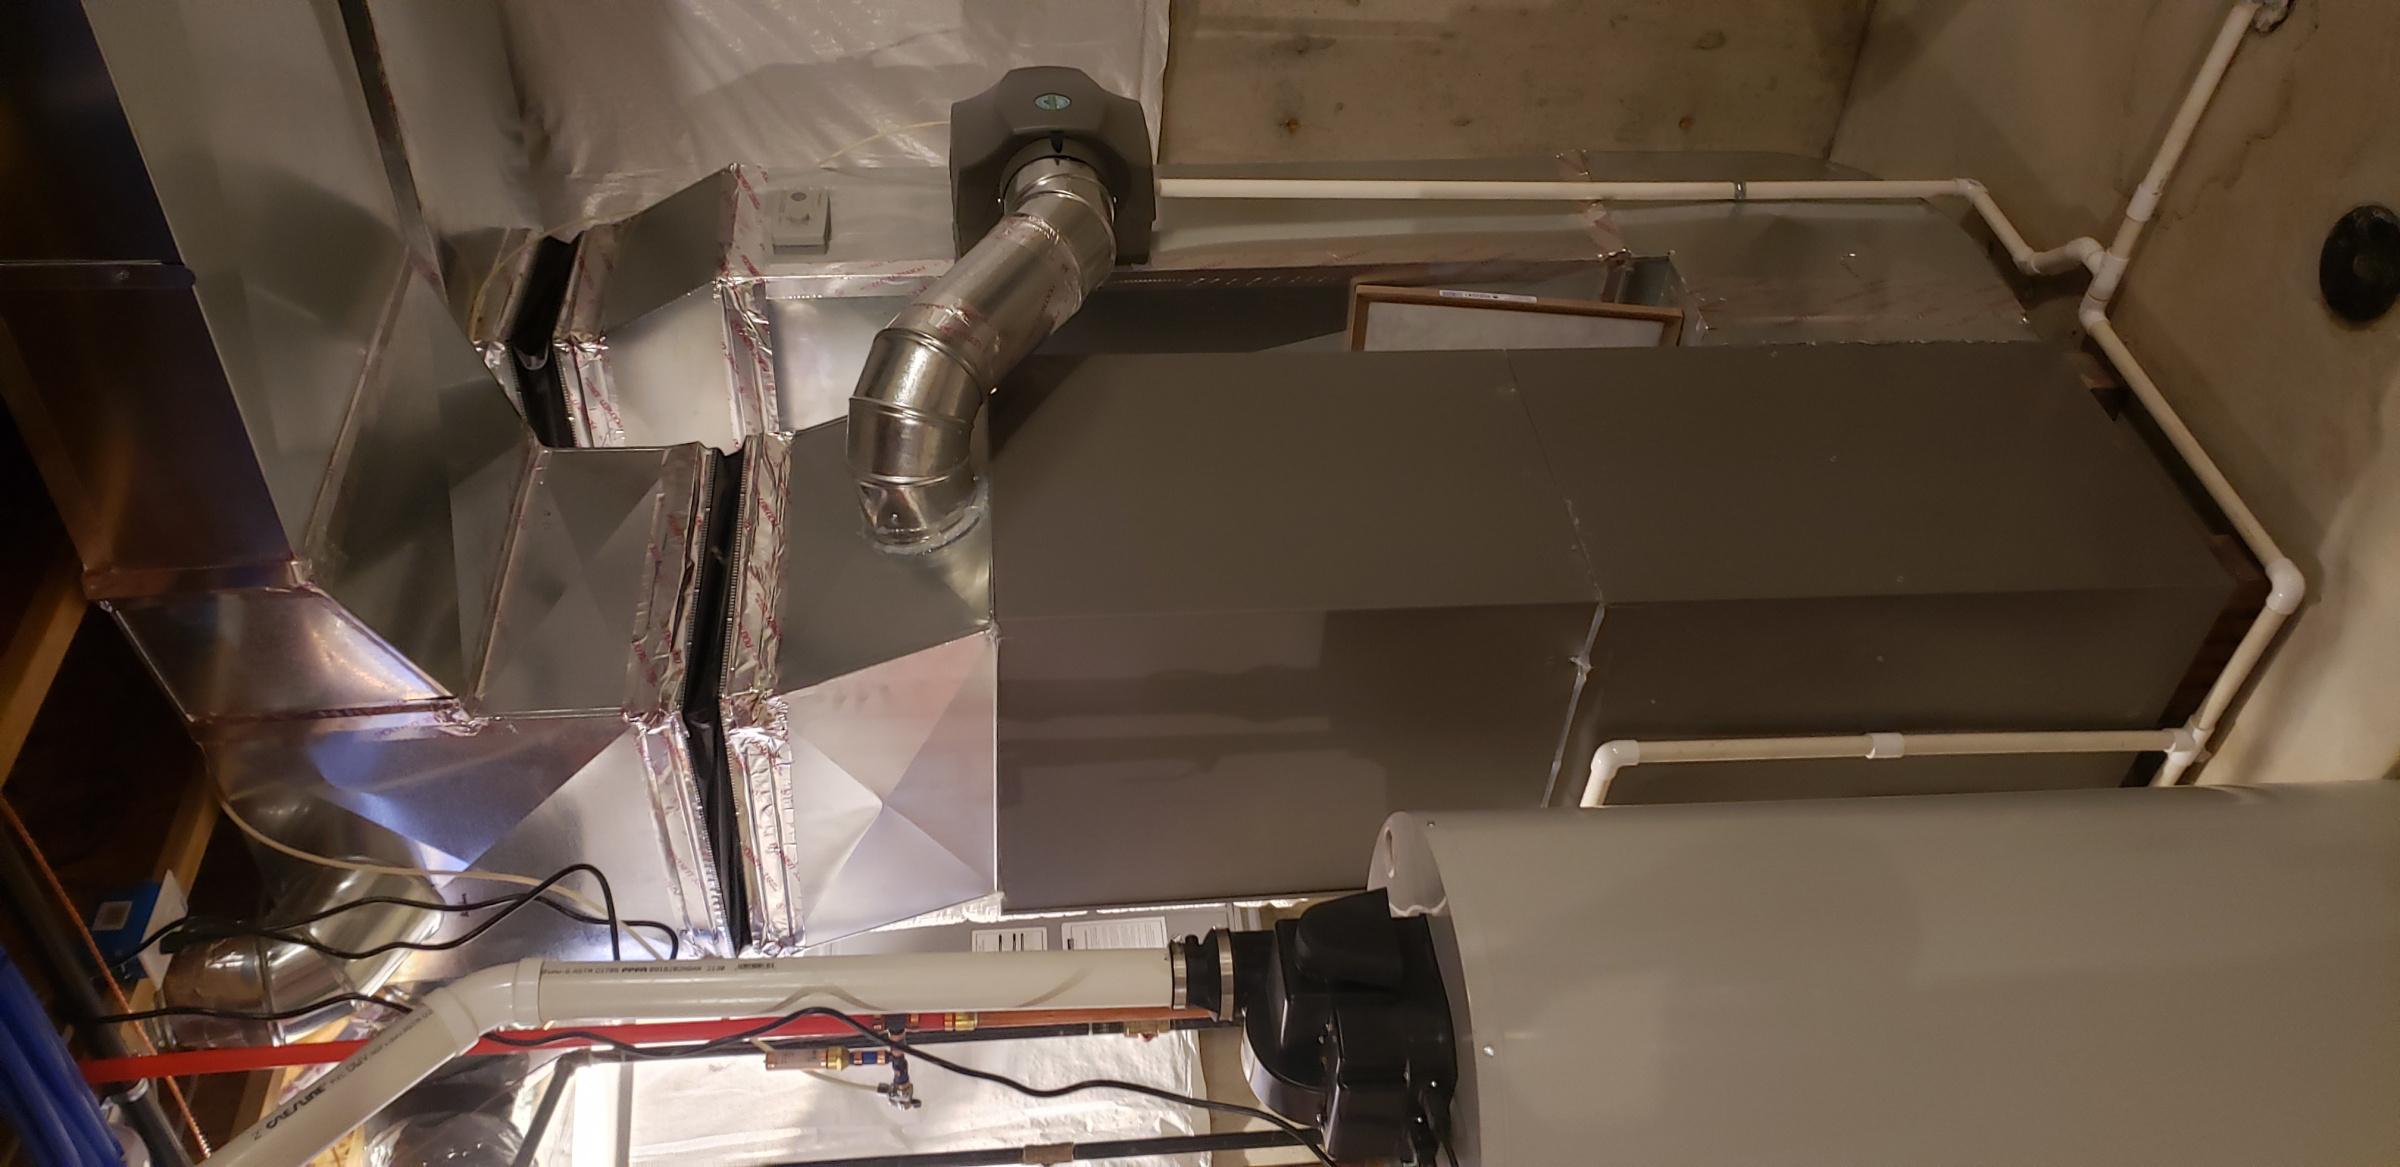 Angled duct on furnace/plenum-20200330_140358.jpg